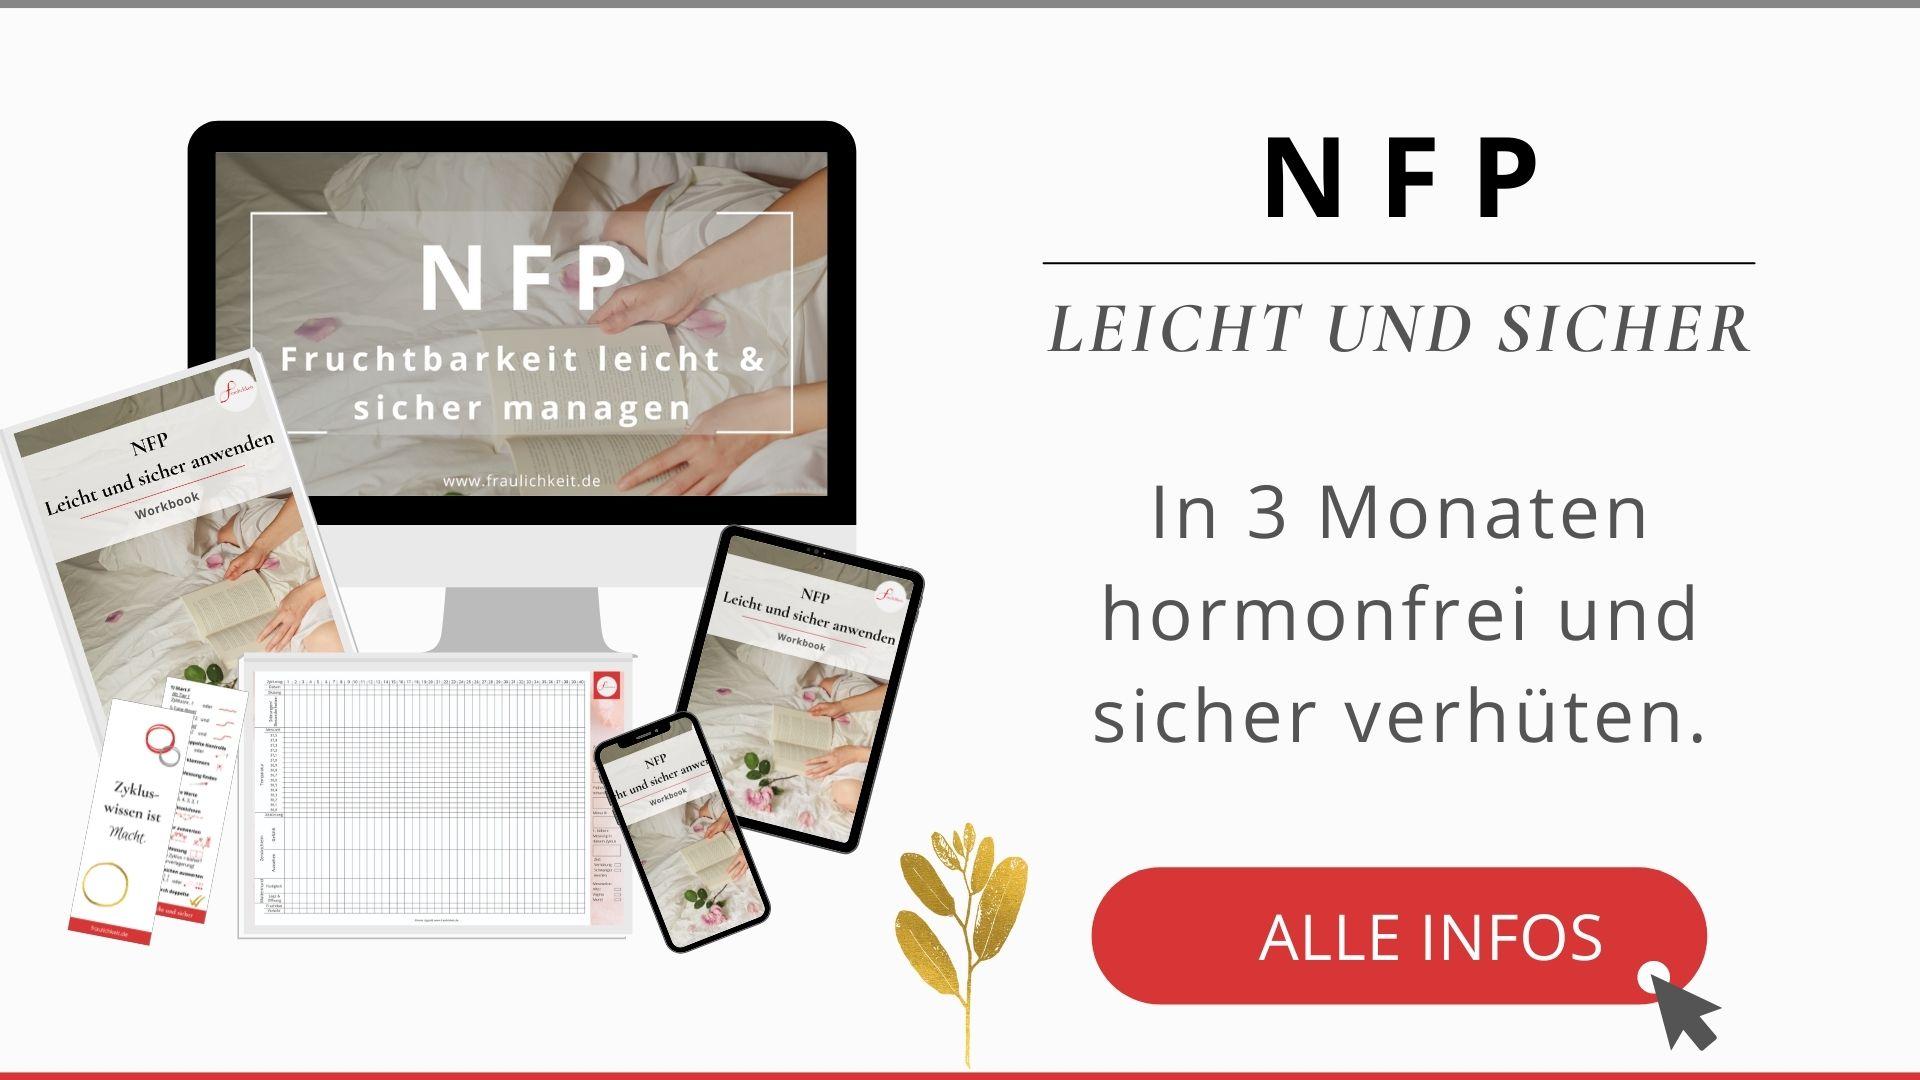 NFP sensiplan onlinekurs online lernen beratung hormonfrei verhüten